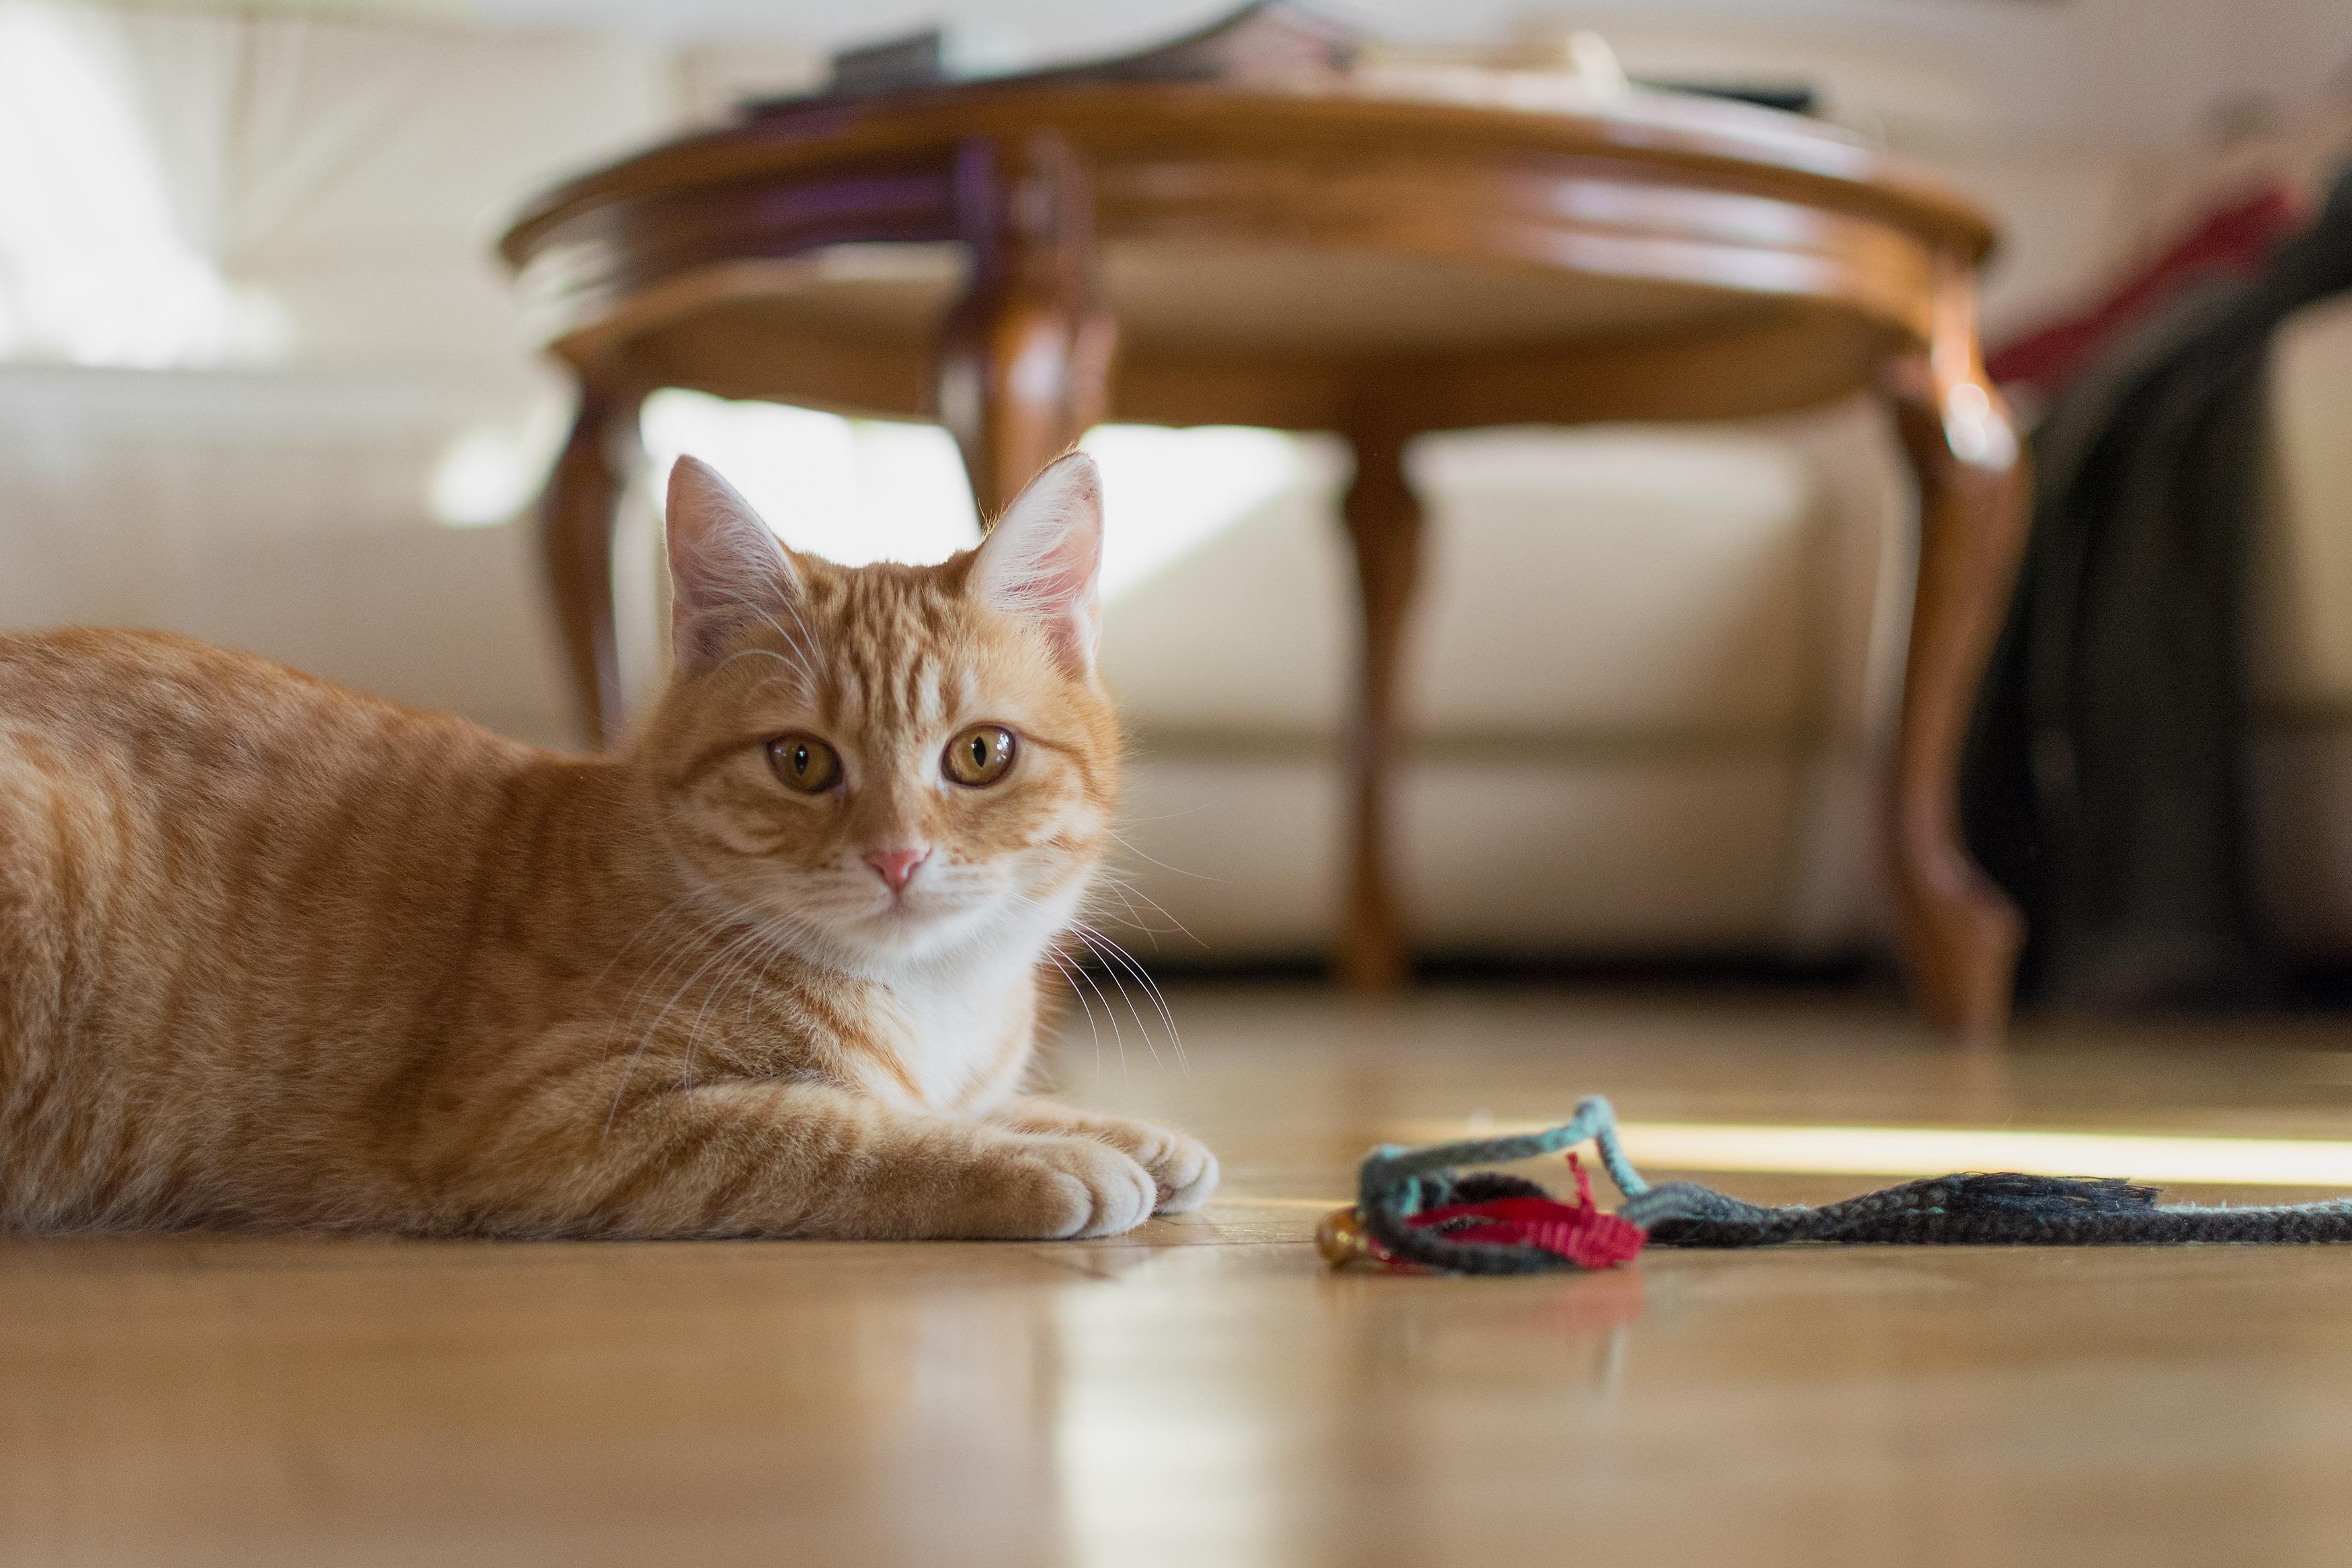 Cat At Home Free Stock Photo Libreshot